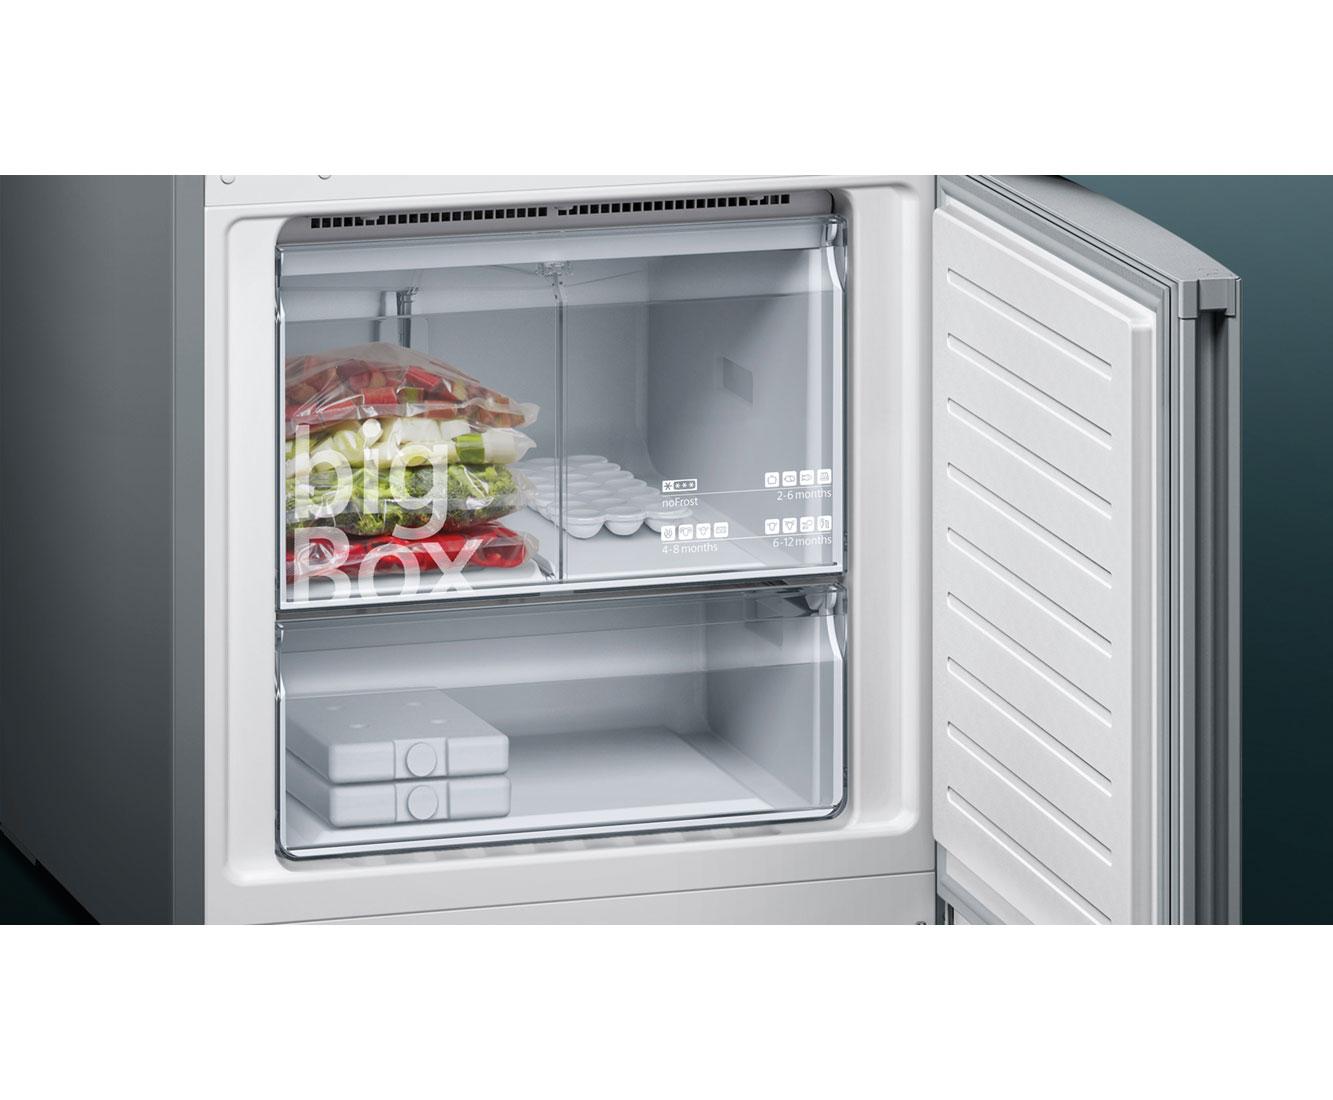 Siemens Kühlschrank Urlaubsschaltung : Siemens iq kg nxi kühl gefrierkombination mit no frost